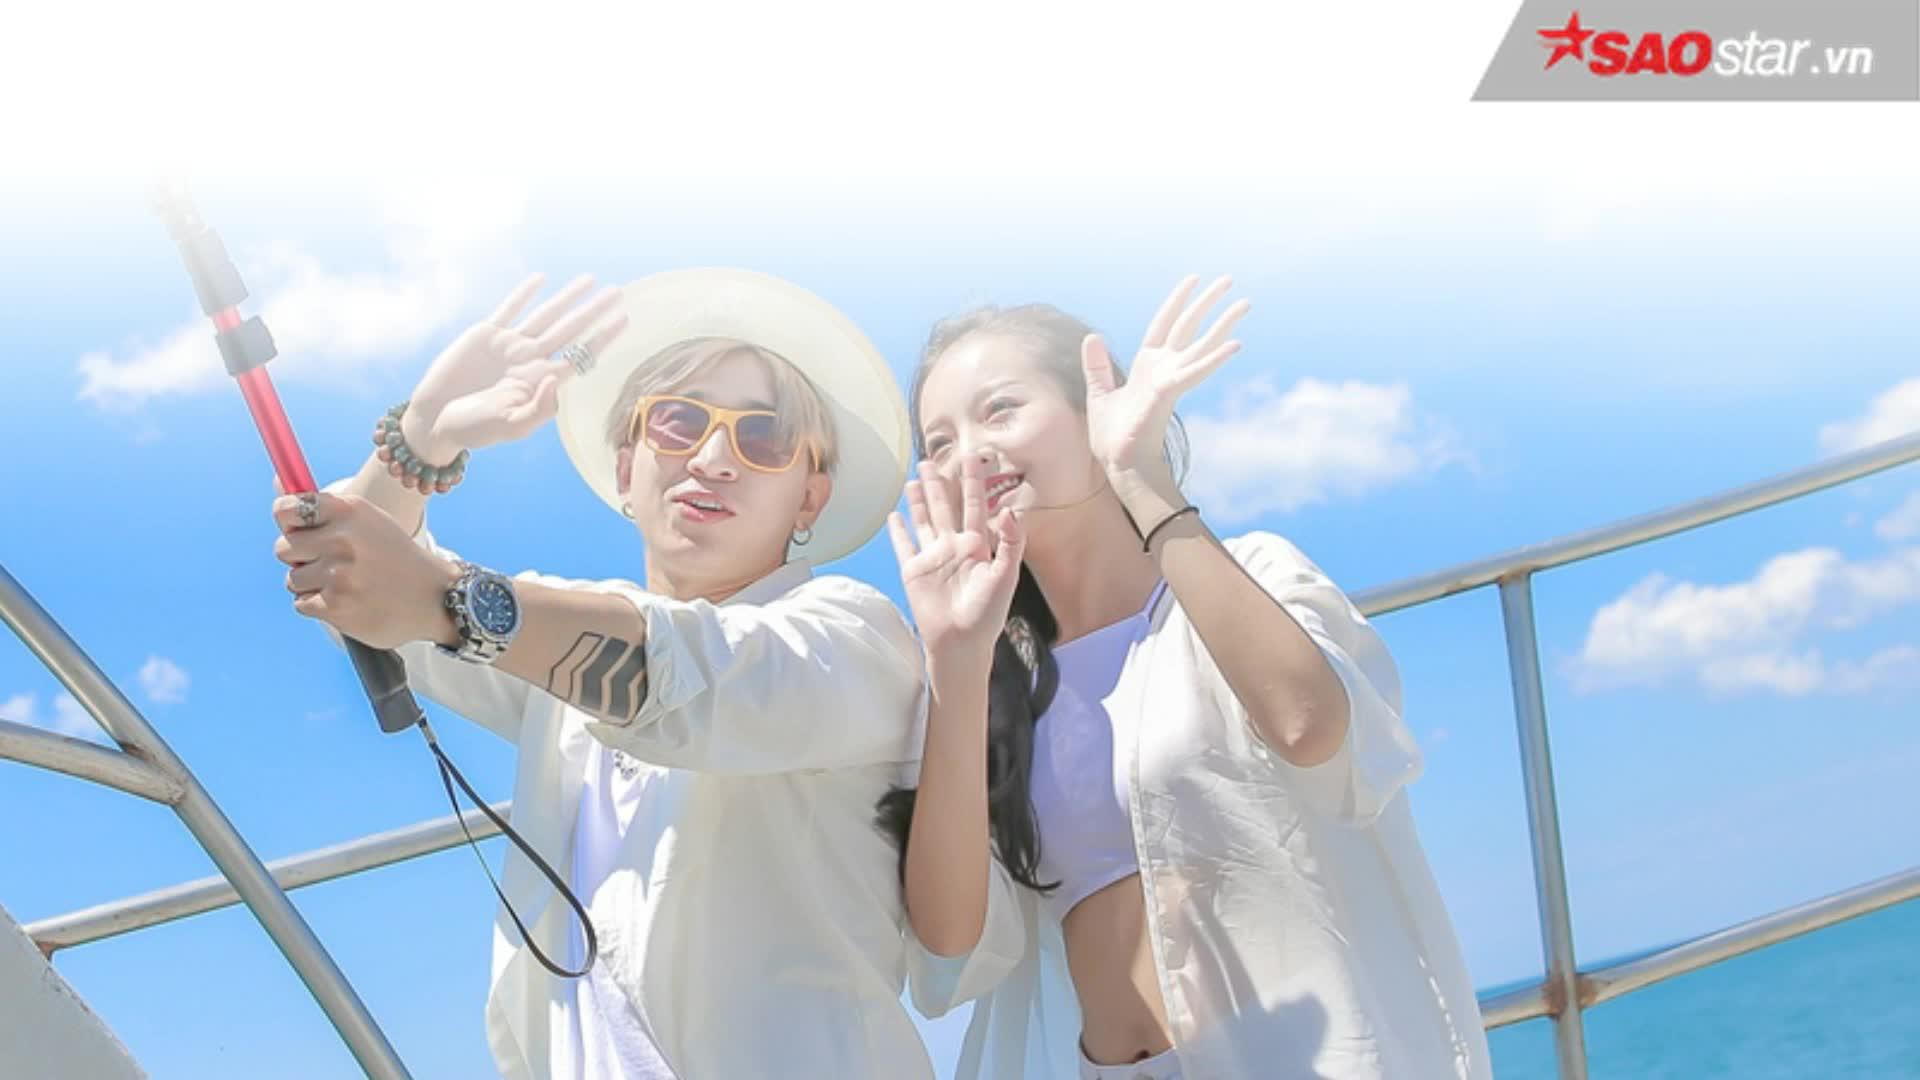 MV đạt triệu view sau ngày đầu phát hành: Chuyện bình thường ởVpop?